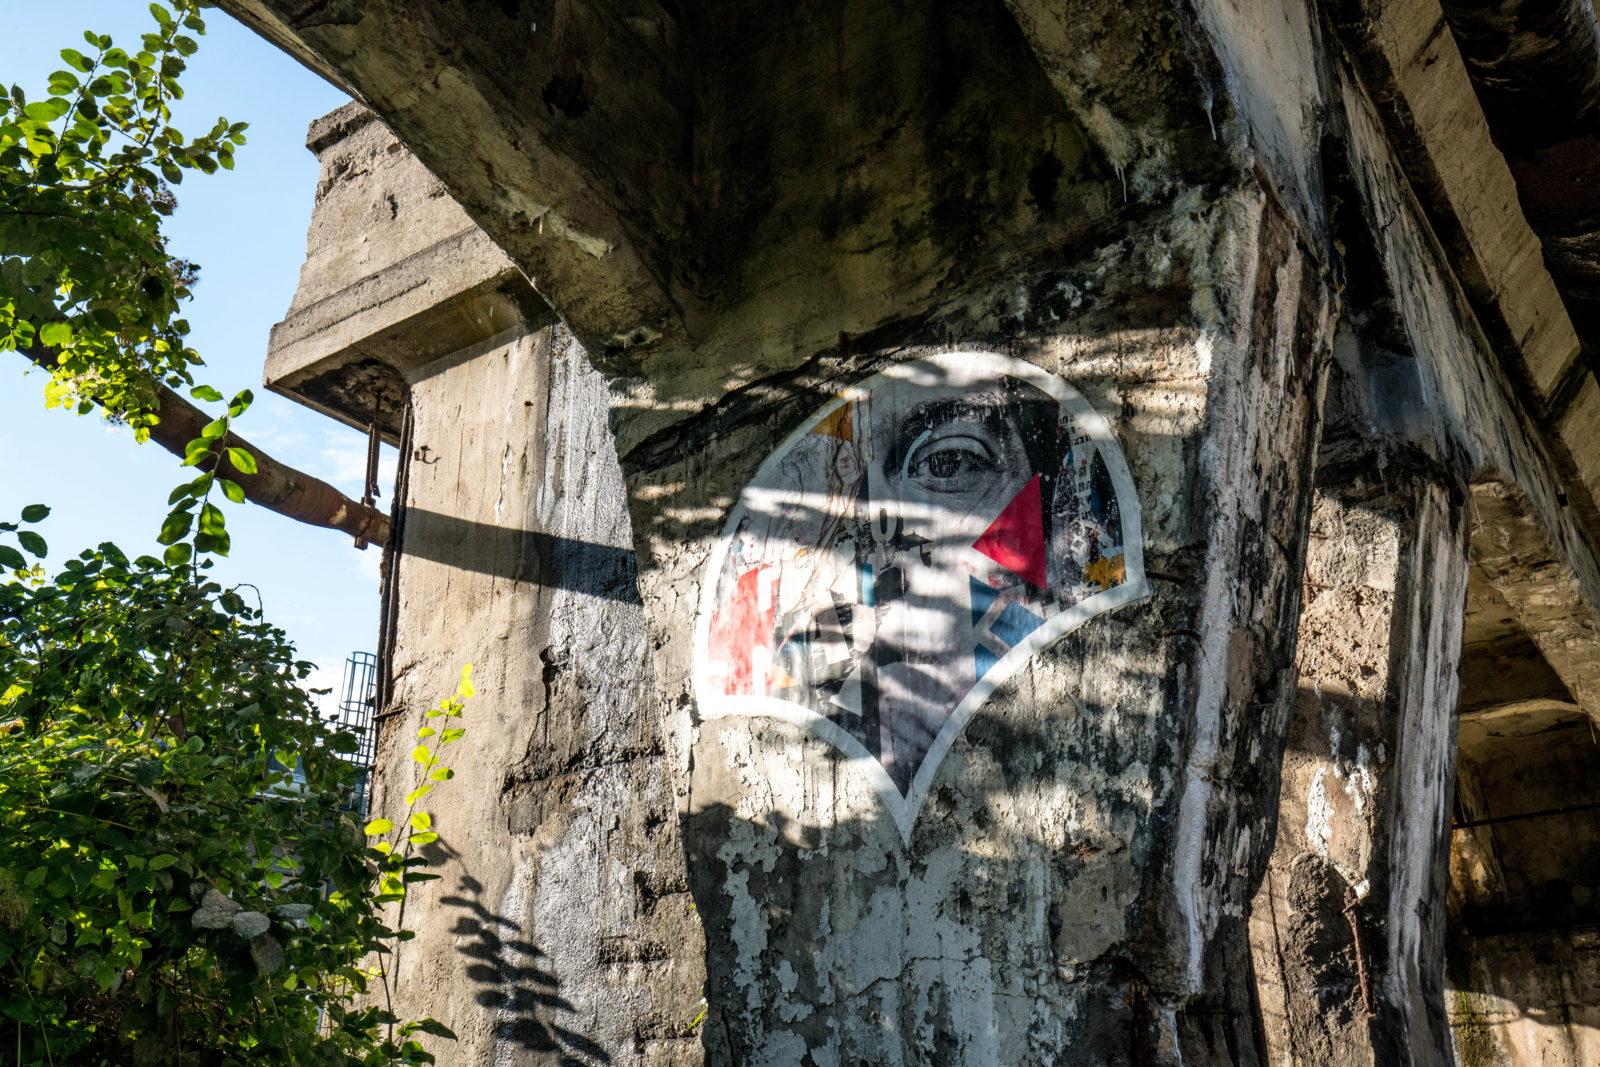 urbex explorationurbaine Volklingen usine abandonnee RADAR FrancsColleurs video tournage DSC01531 - Exploration en réalité augmentée de l'usine de Völklingen et des gouttes Francs Colleurs